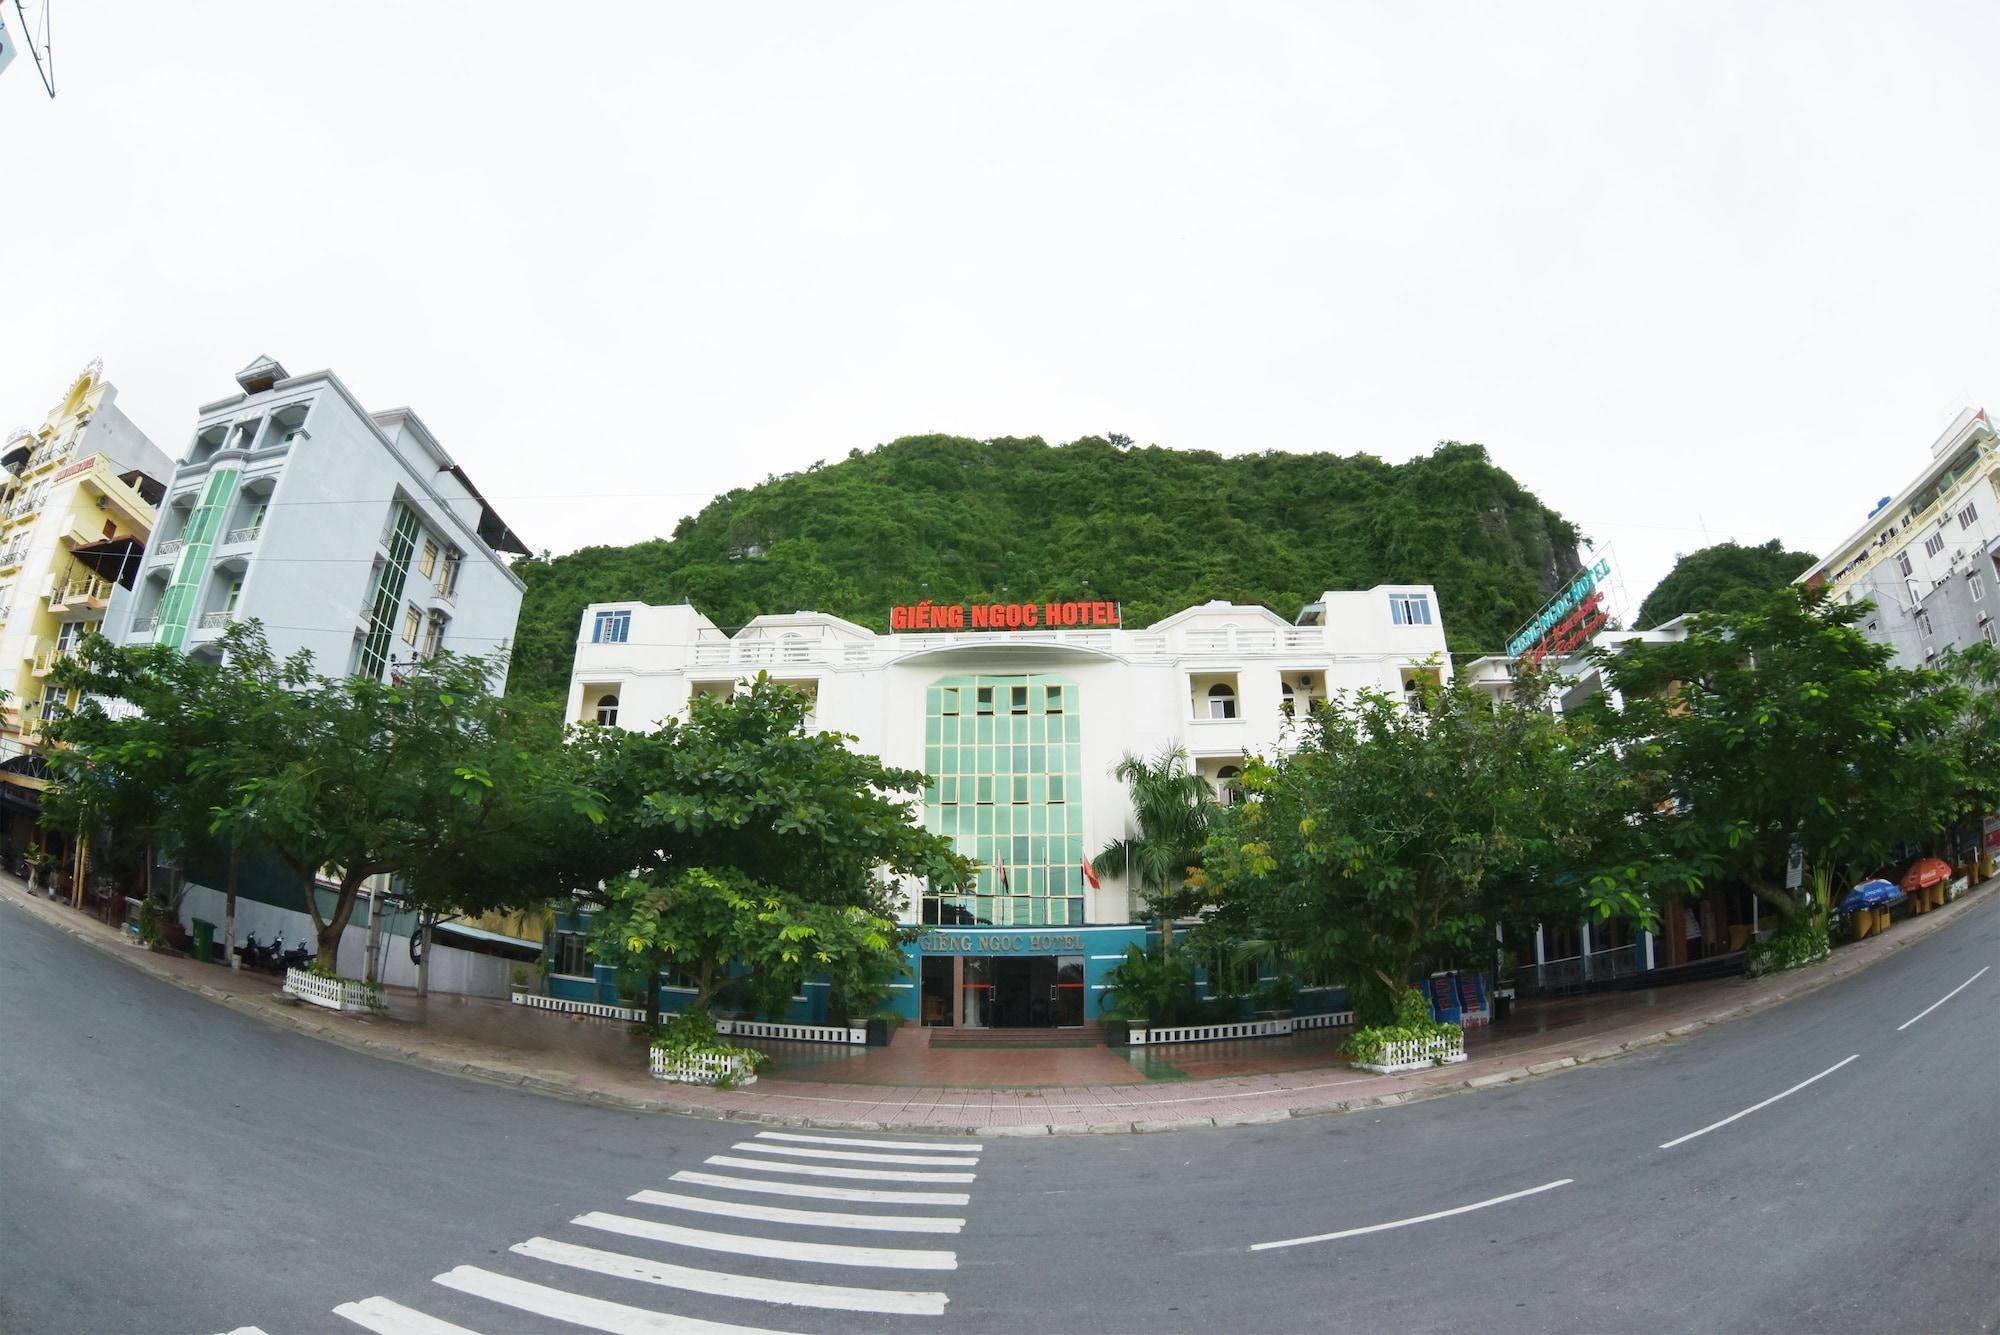 Gieng Ngoc Hotel, Cát Hải